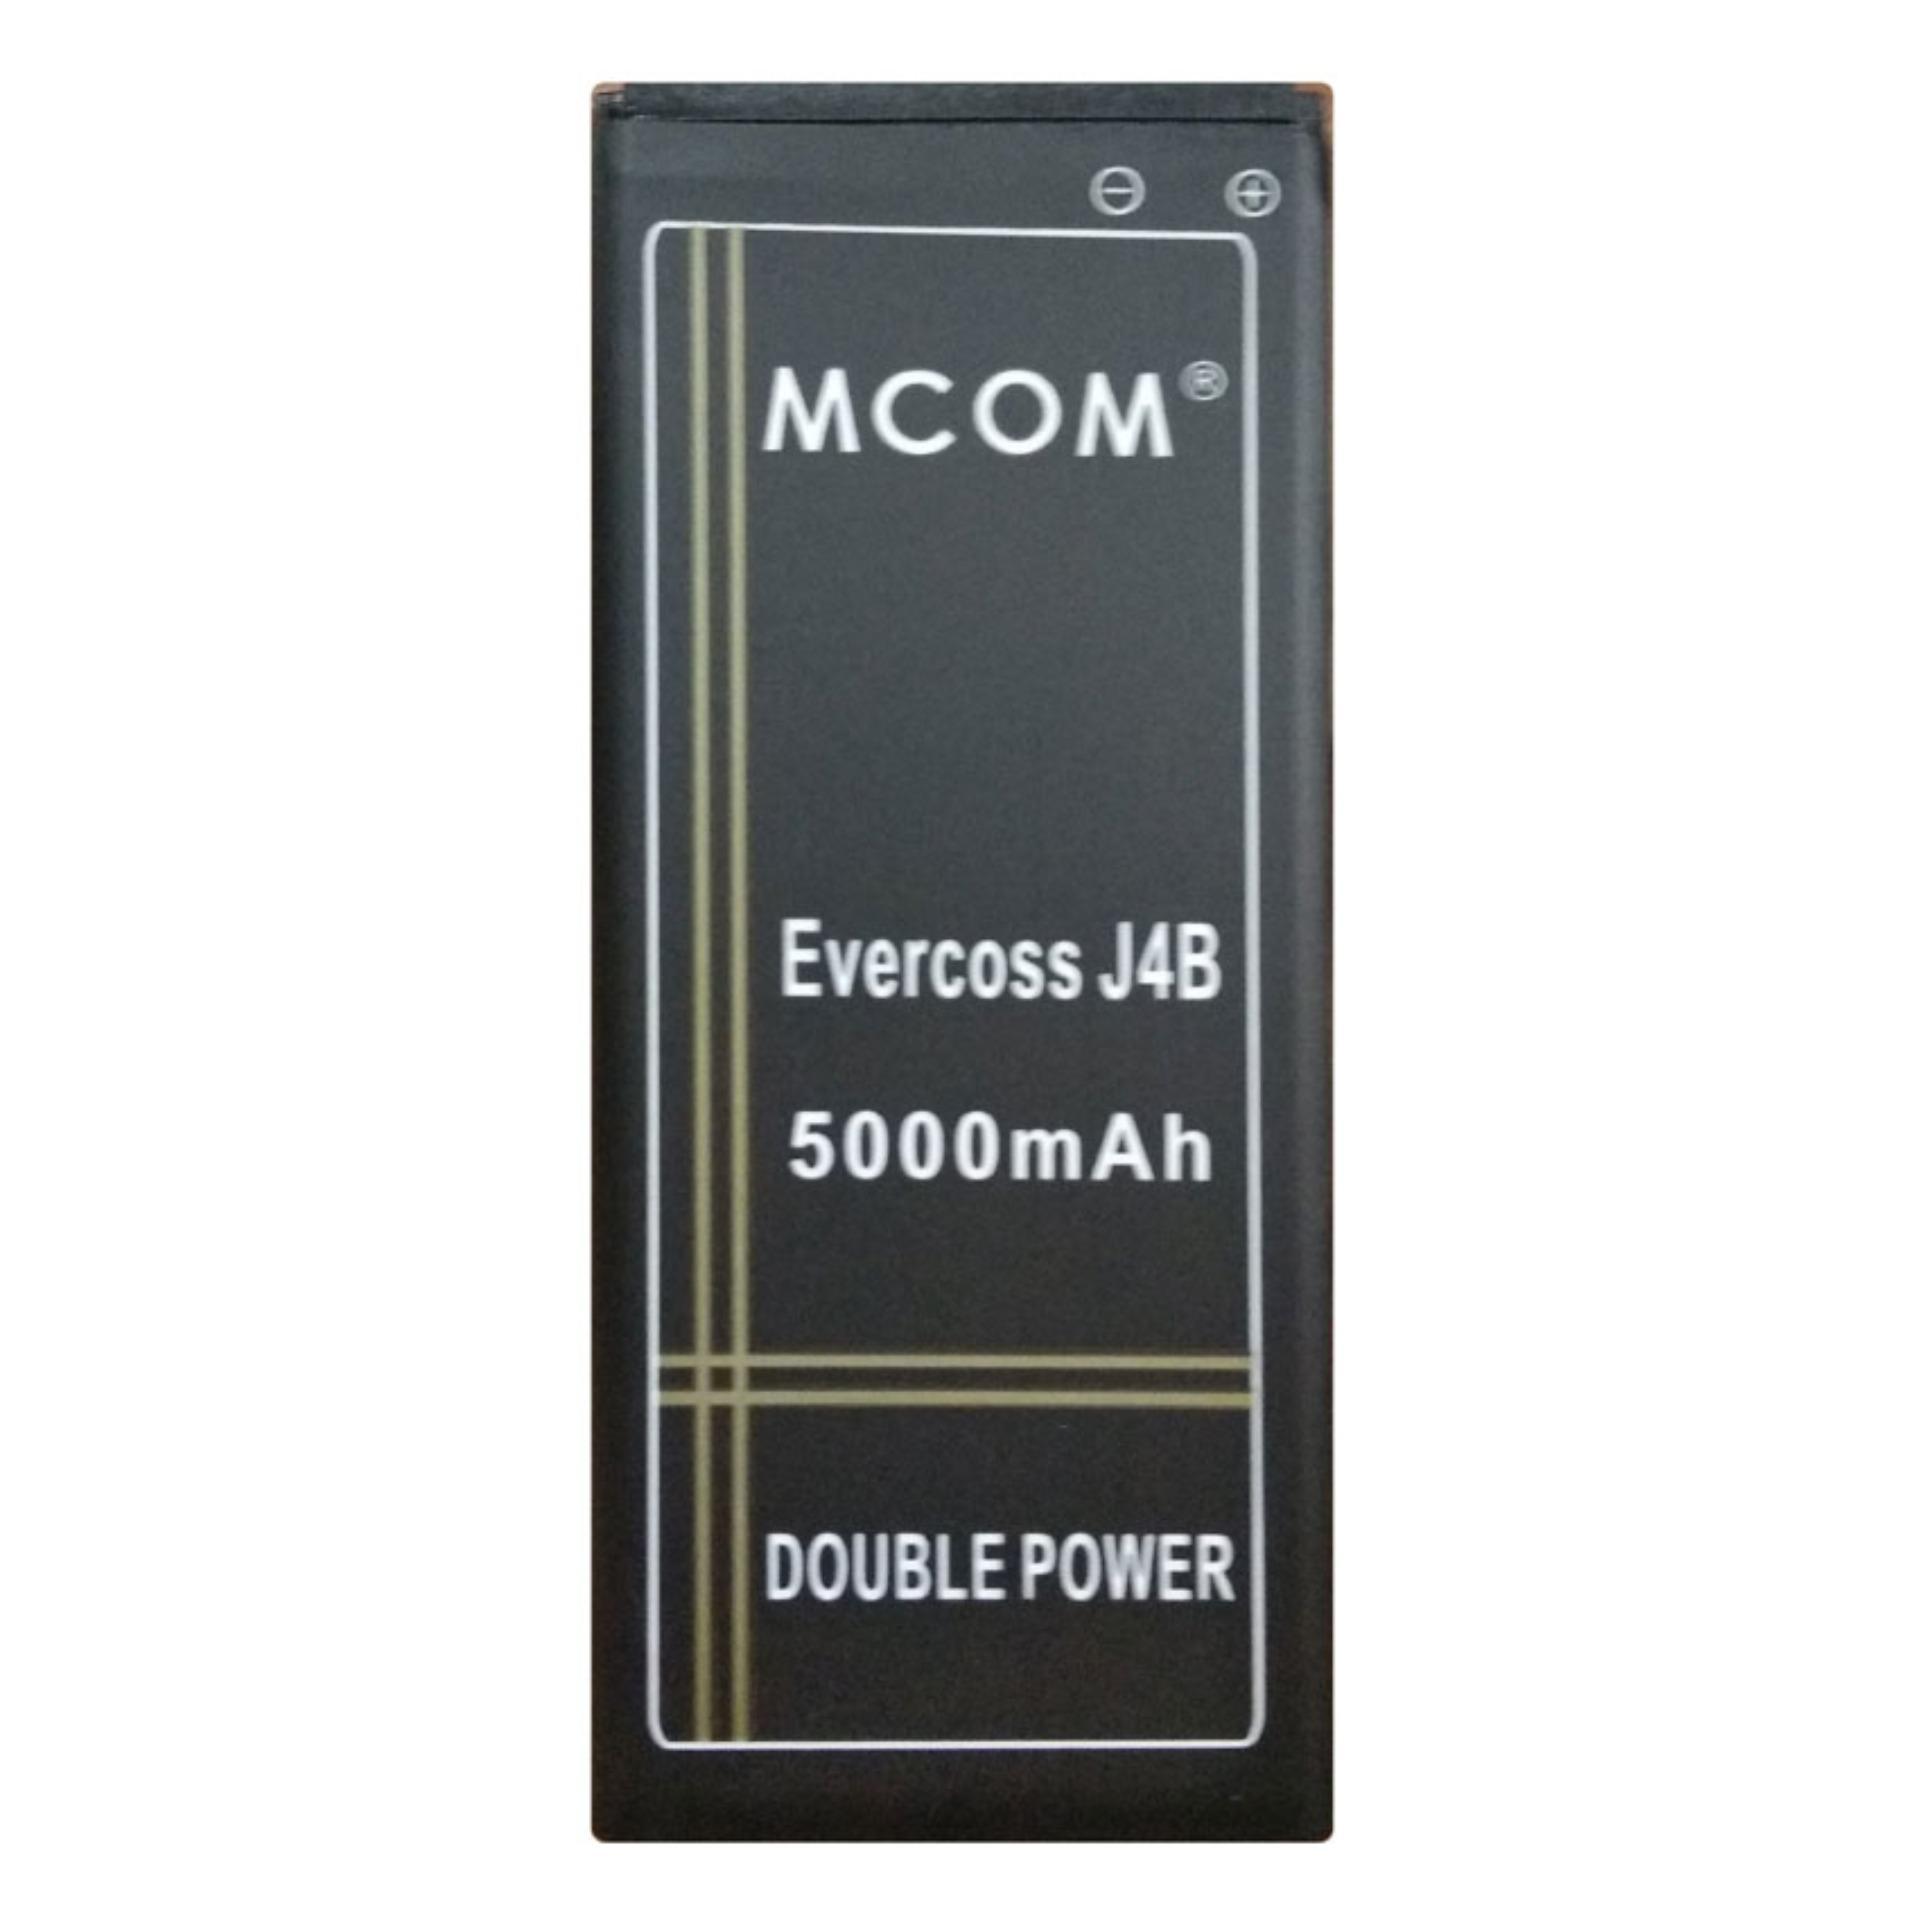 M-Com Baterai Double Power Battery for Evercoss Jump T3 Lite / J4B - 5000